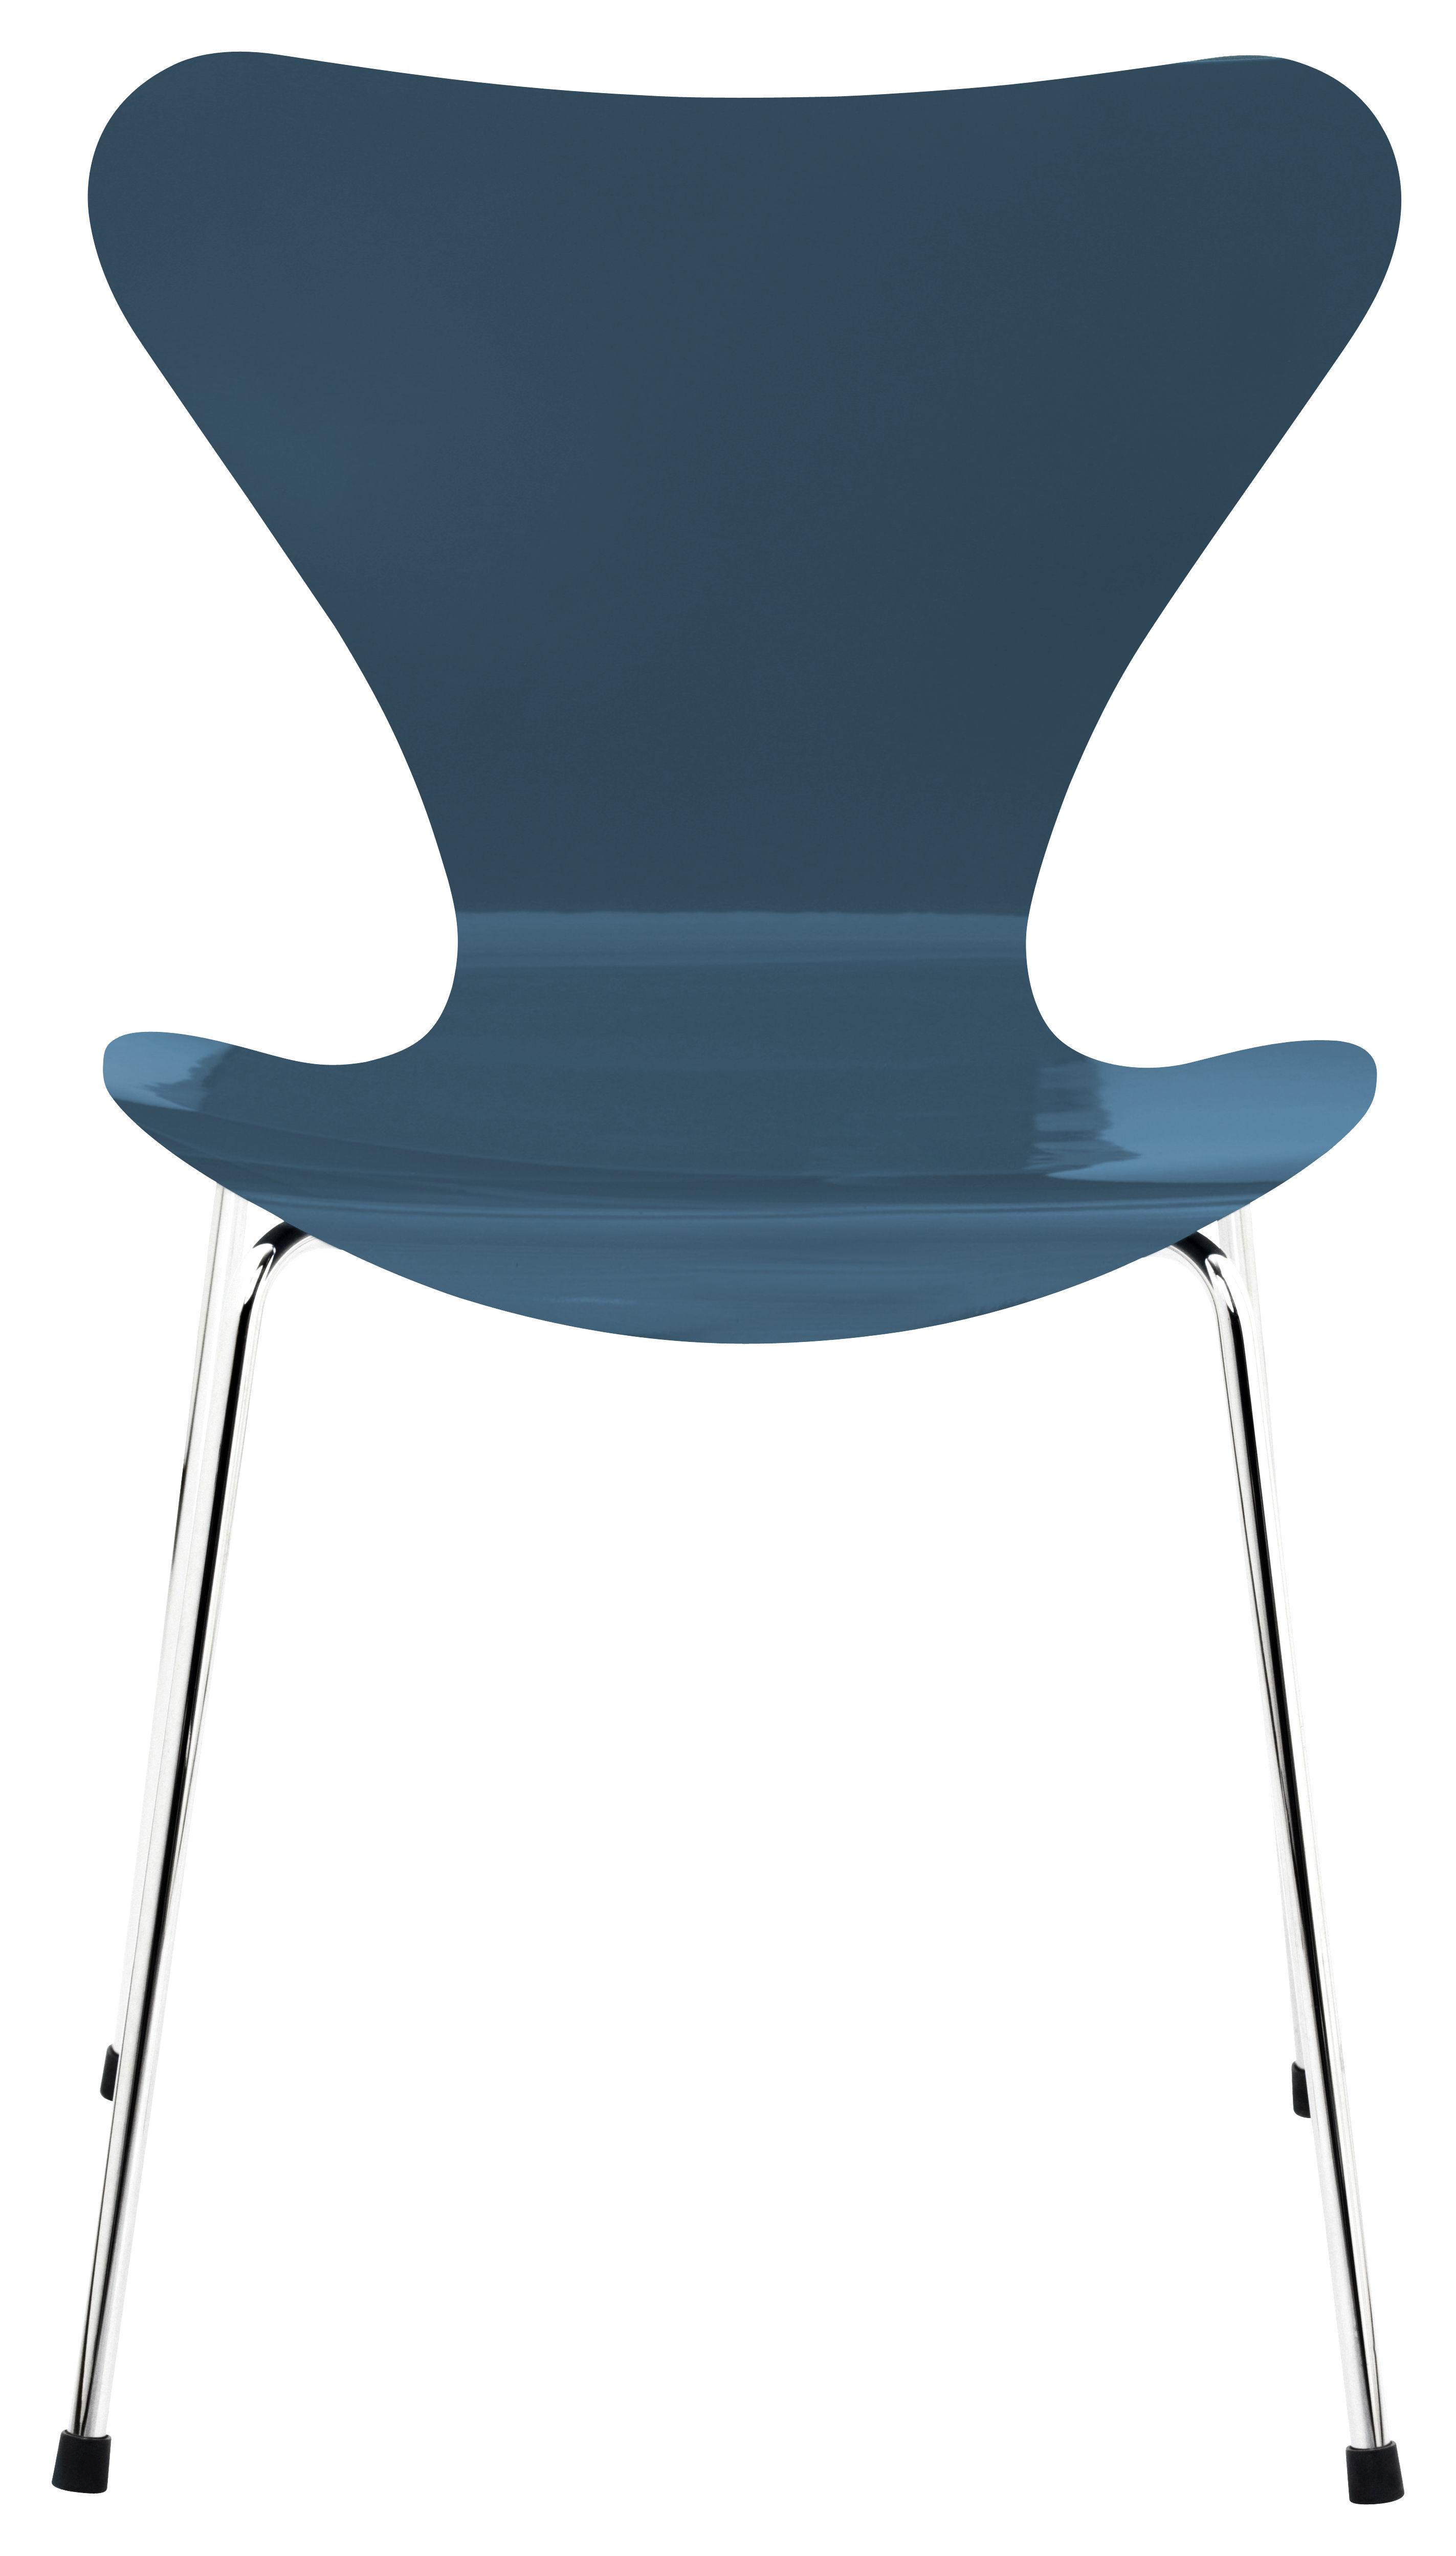 chaise empilable s rie 7 bois laqu bleu p trole pieds chrom s fritz hansen. Black Bedroom Furniture Sets. Home Design Ideas